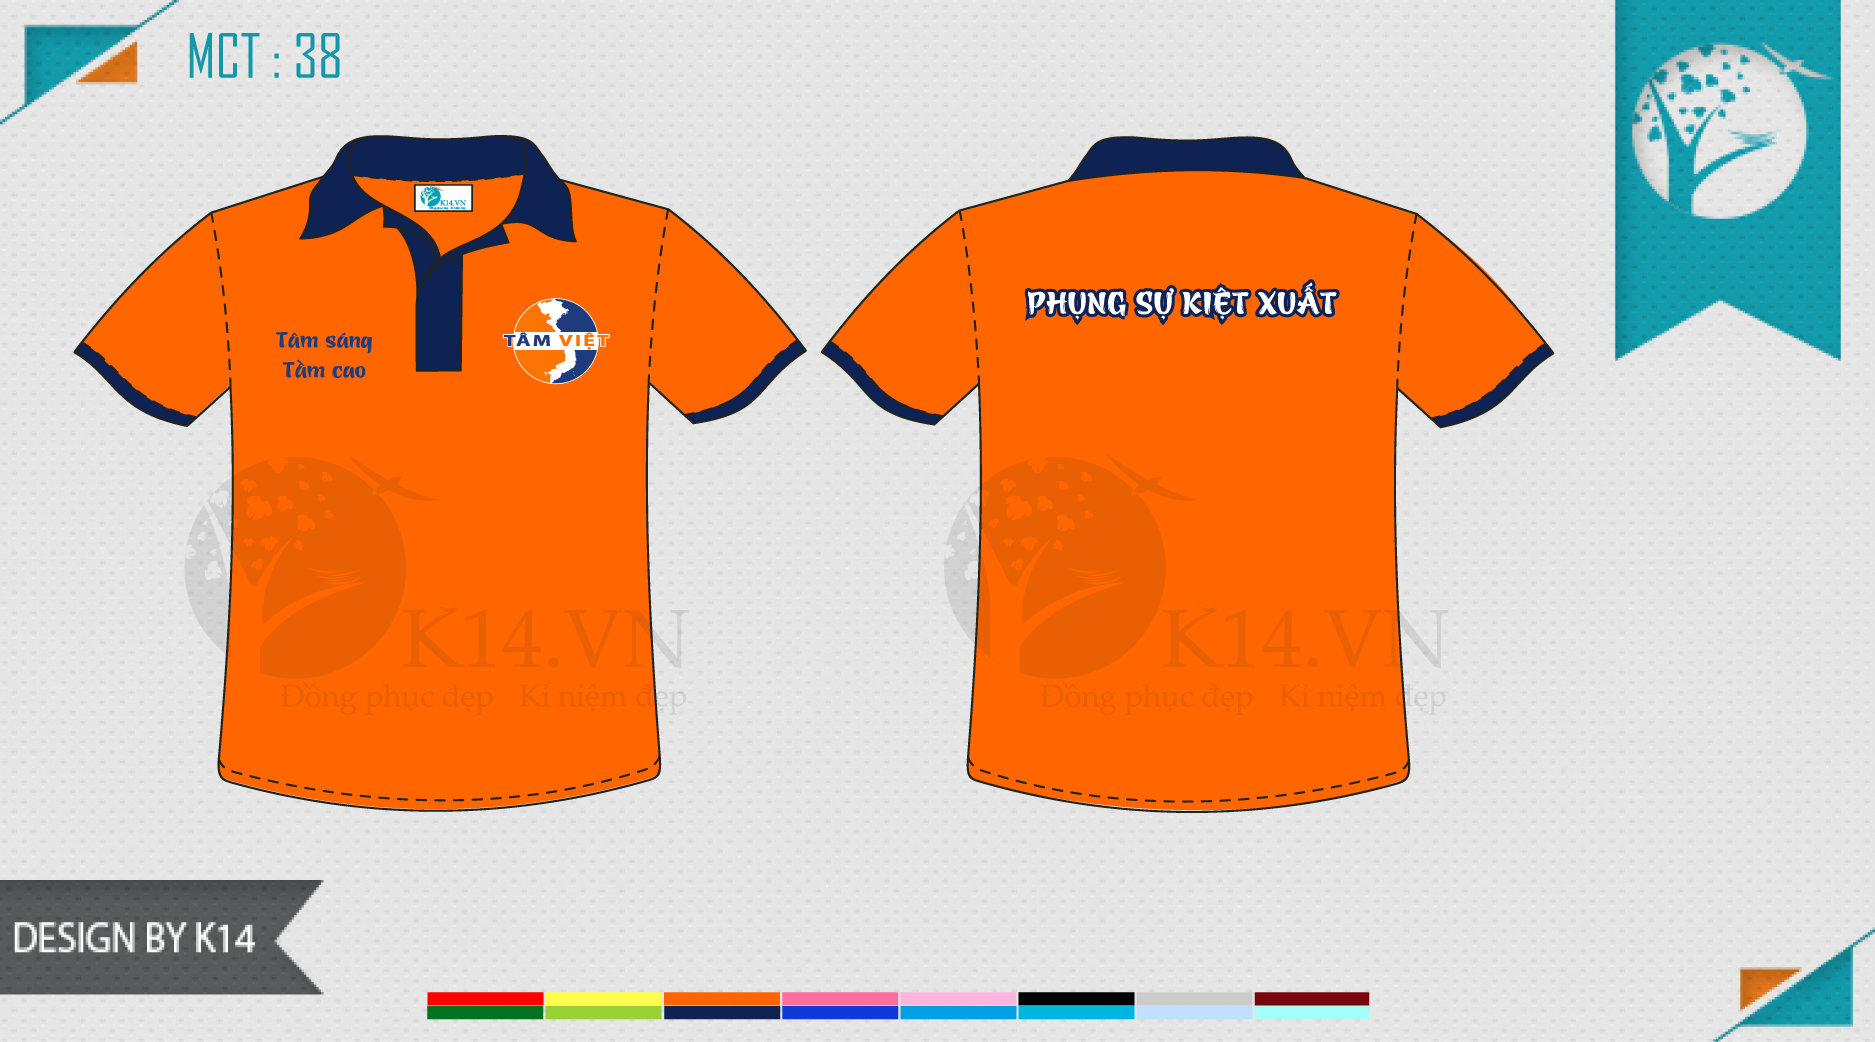 Đồng phục Tâm Việt Thiết kế sáng tạo